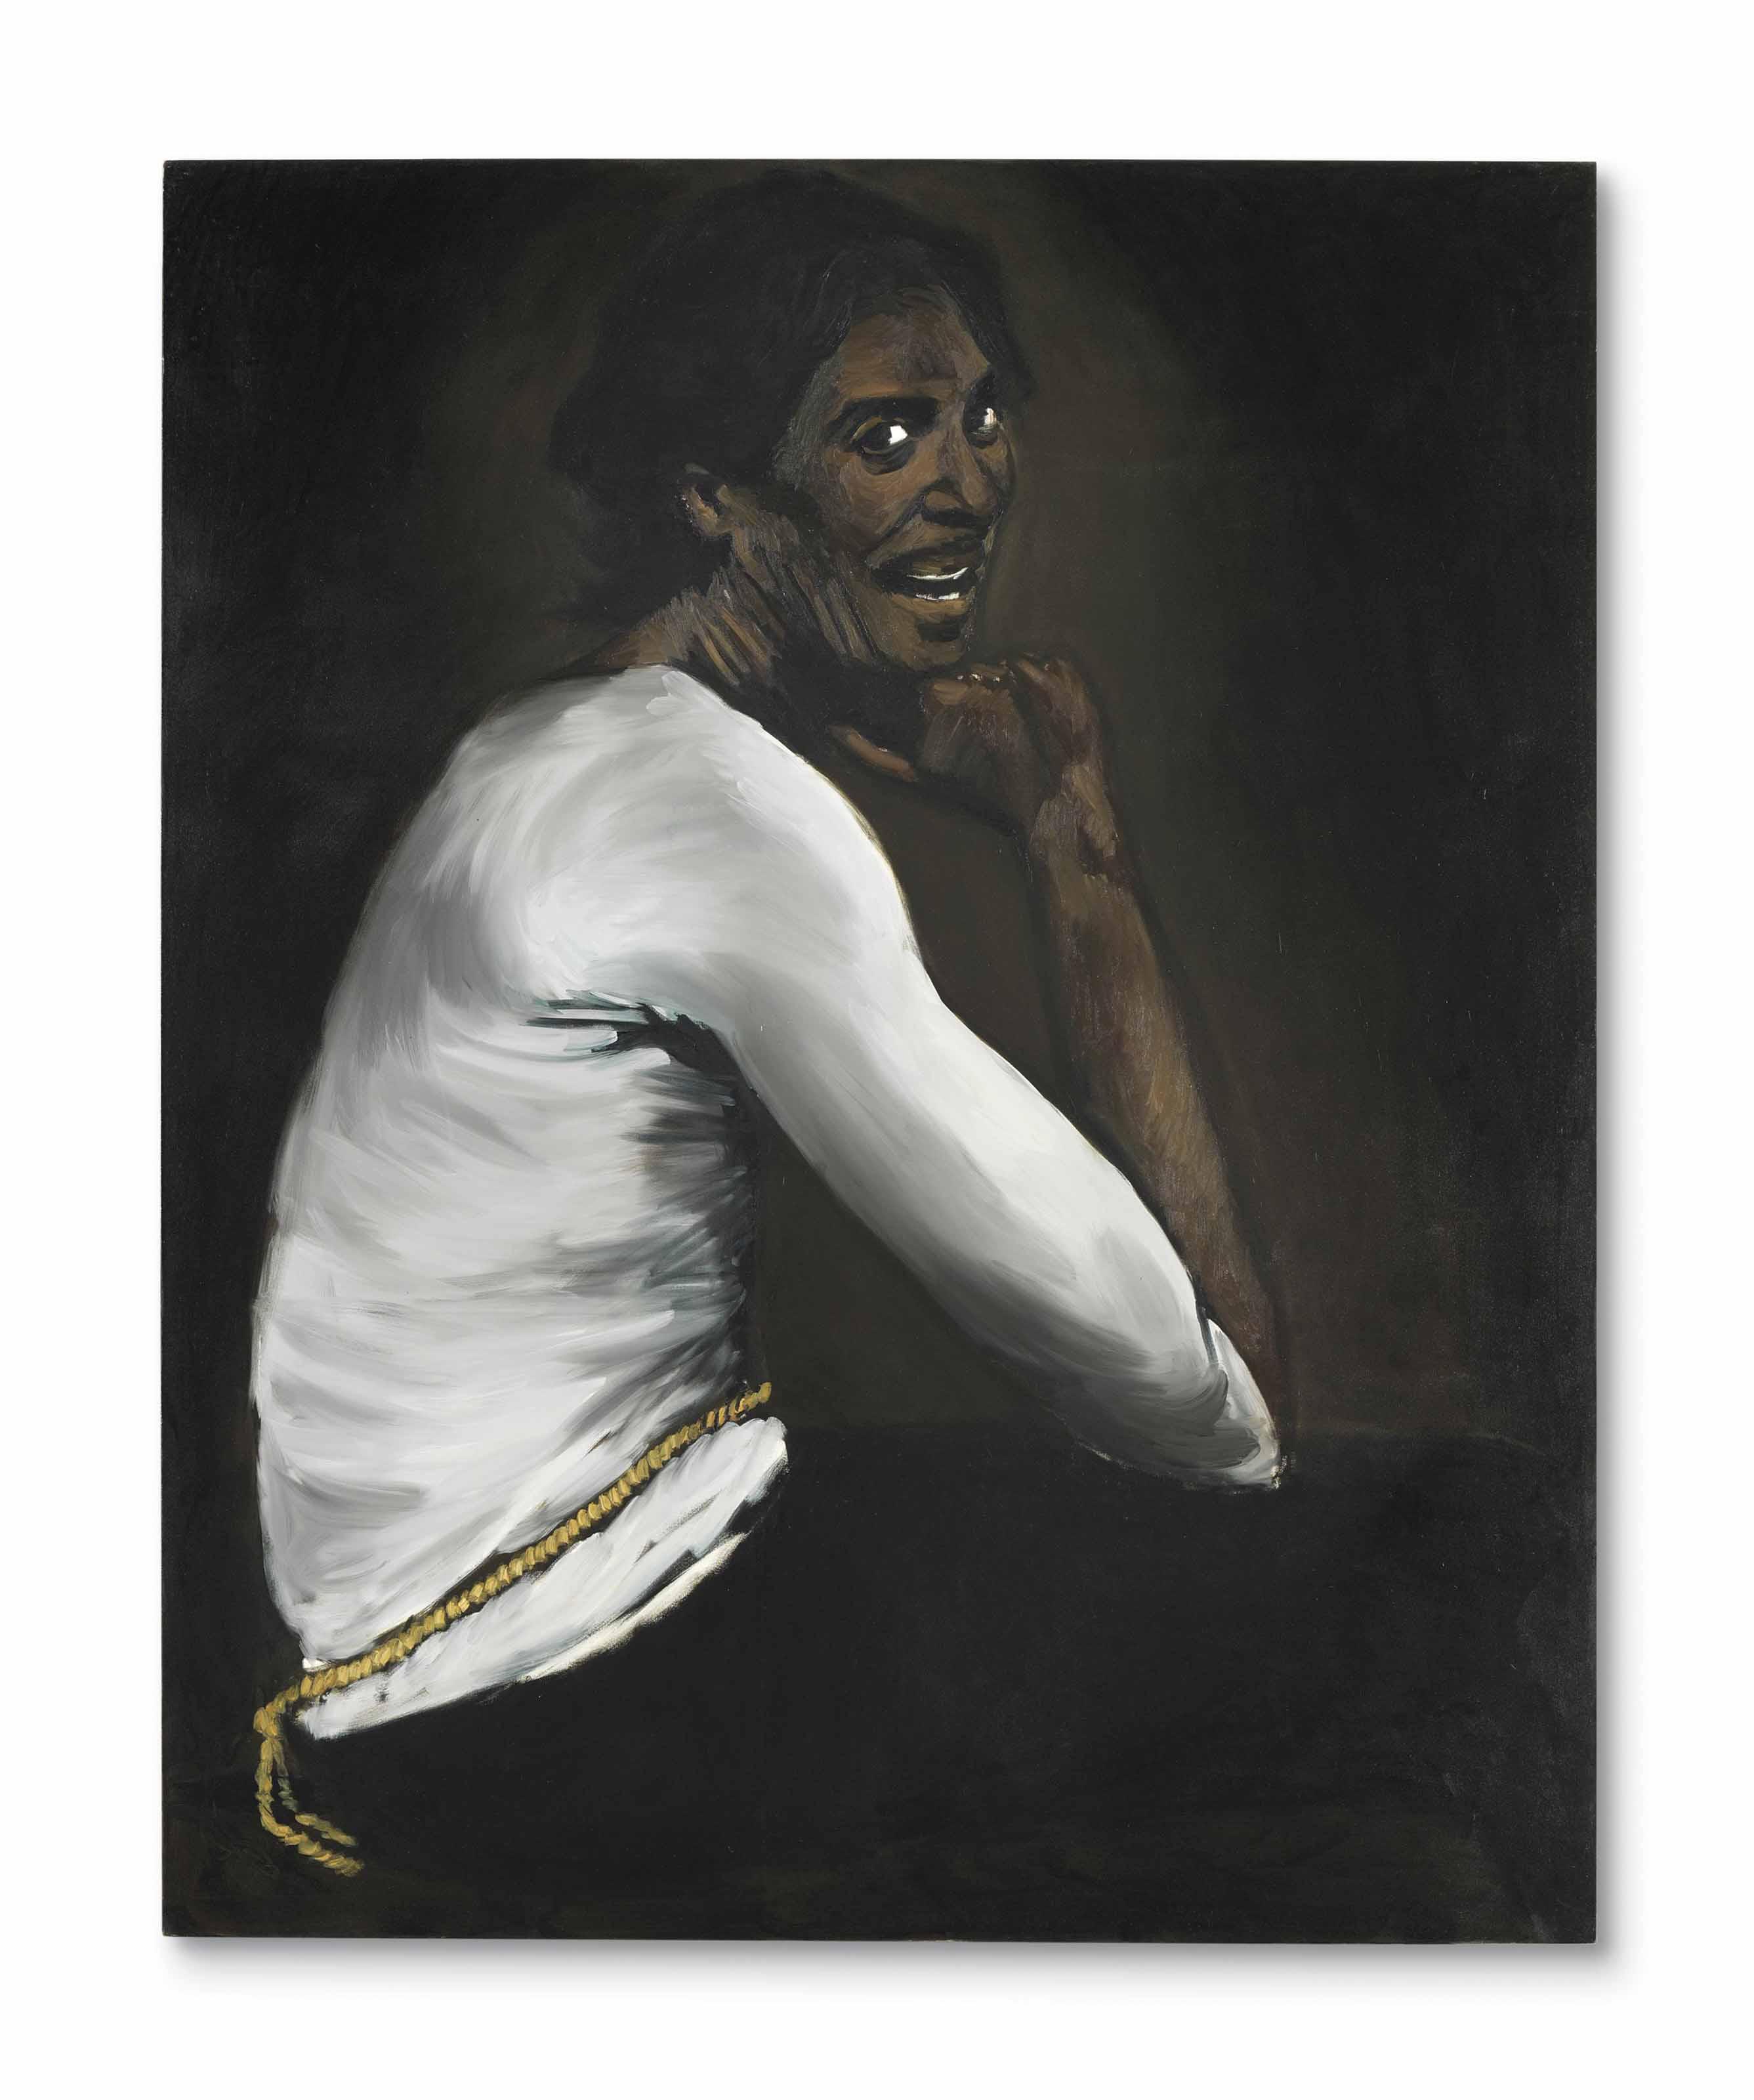 Lynette Yiadom-Boakye (b. 1977